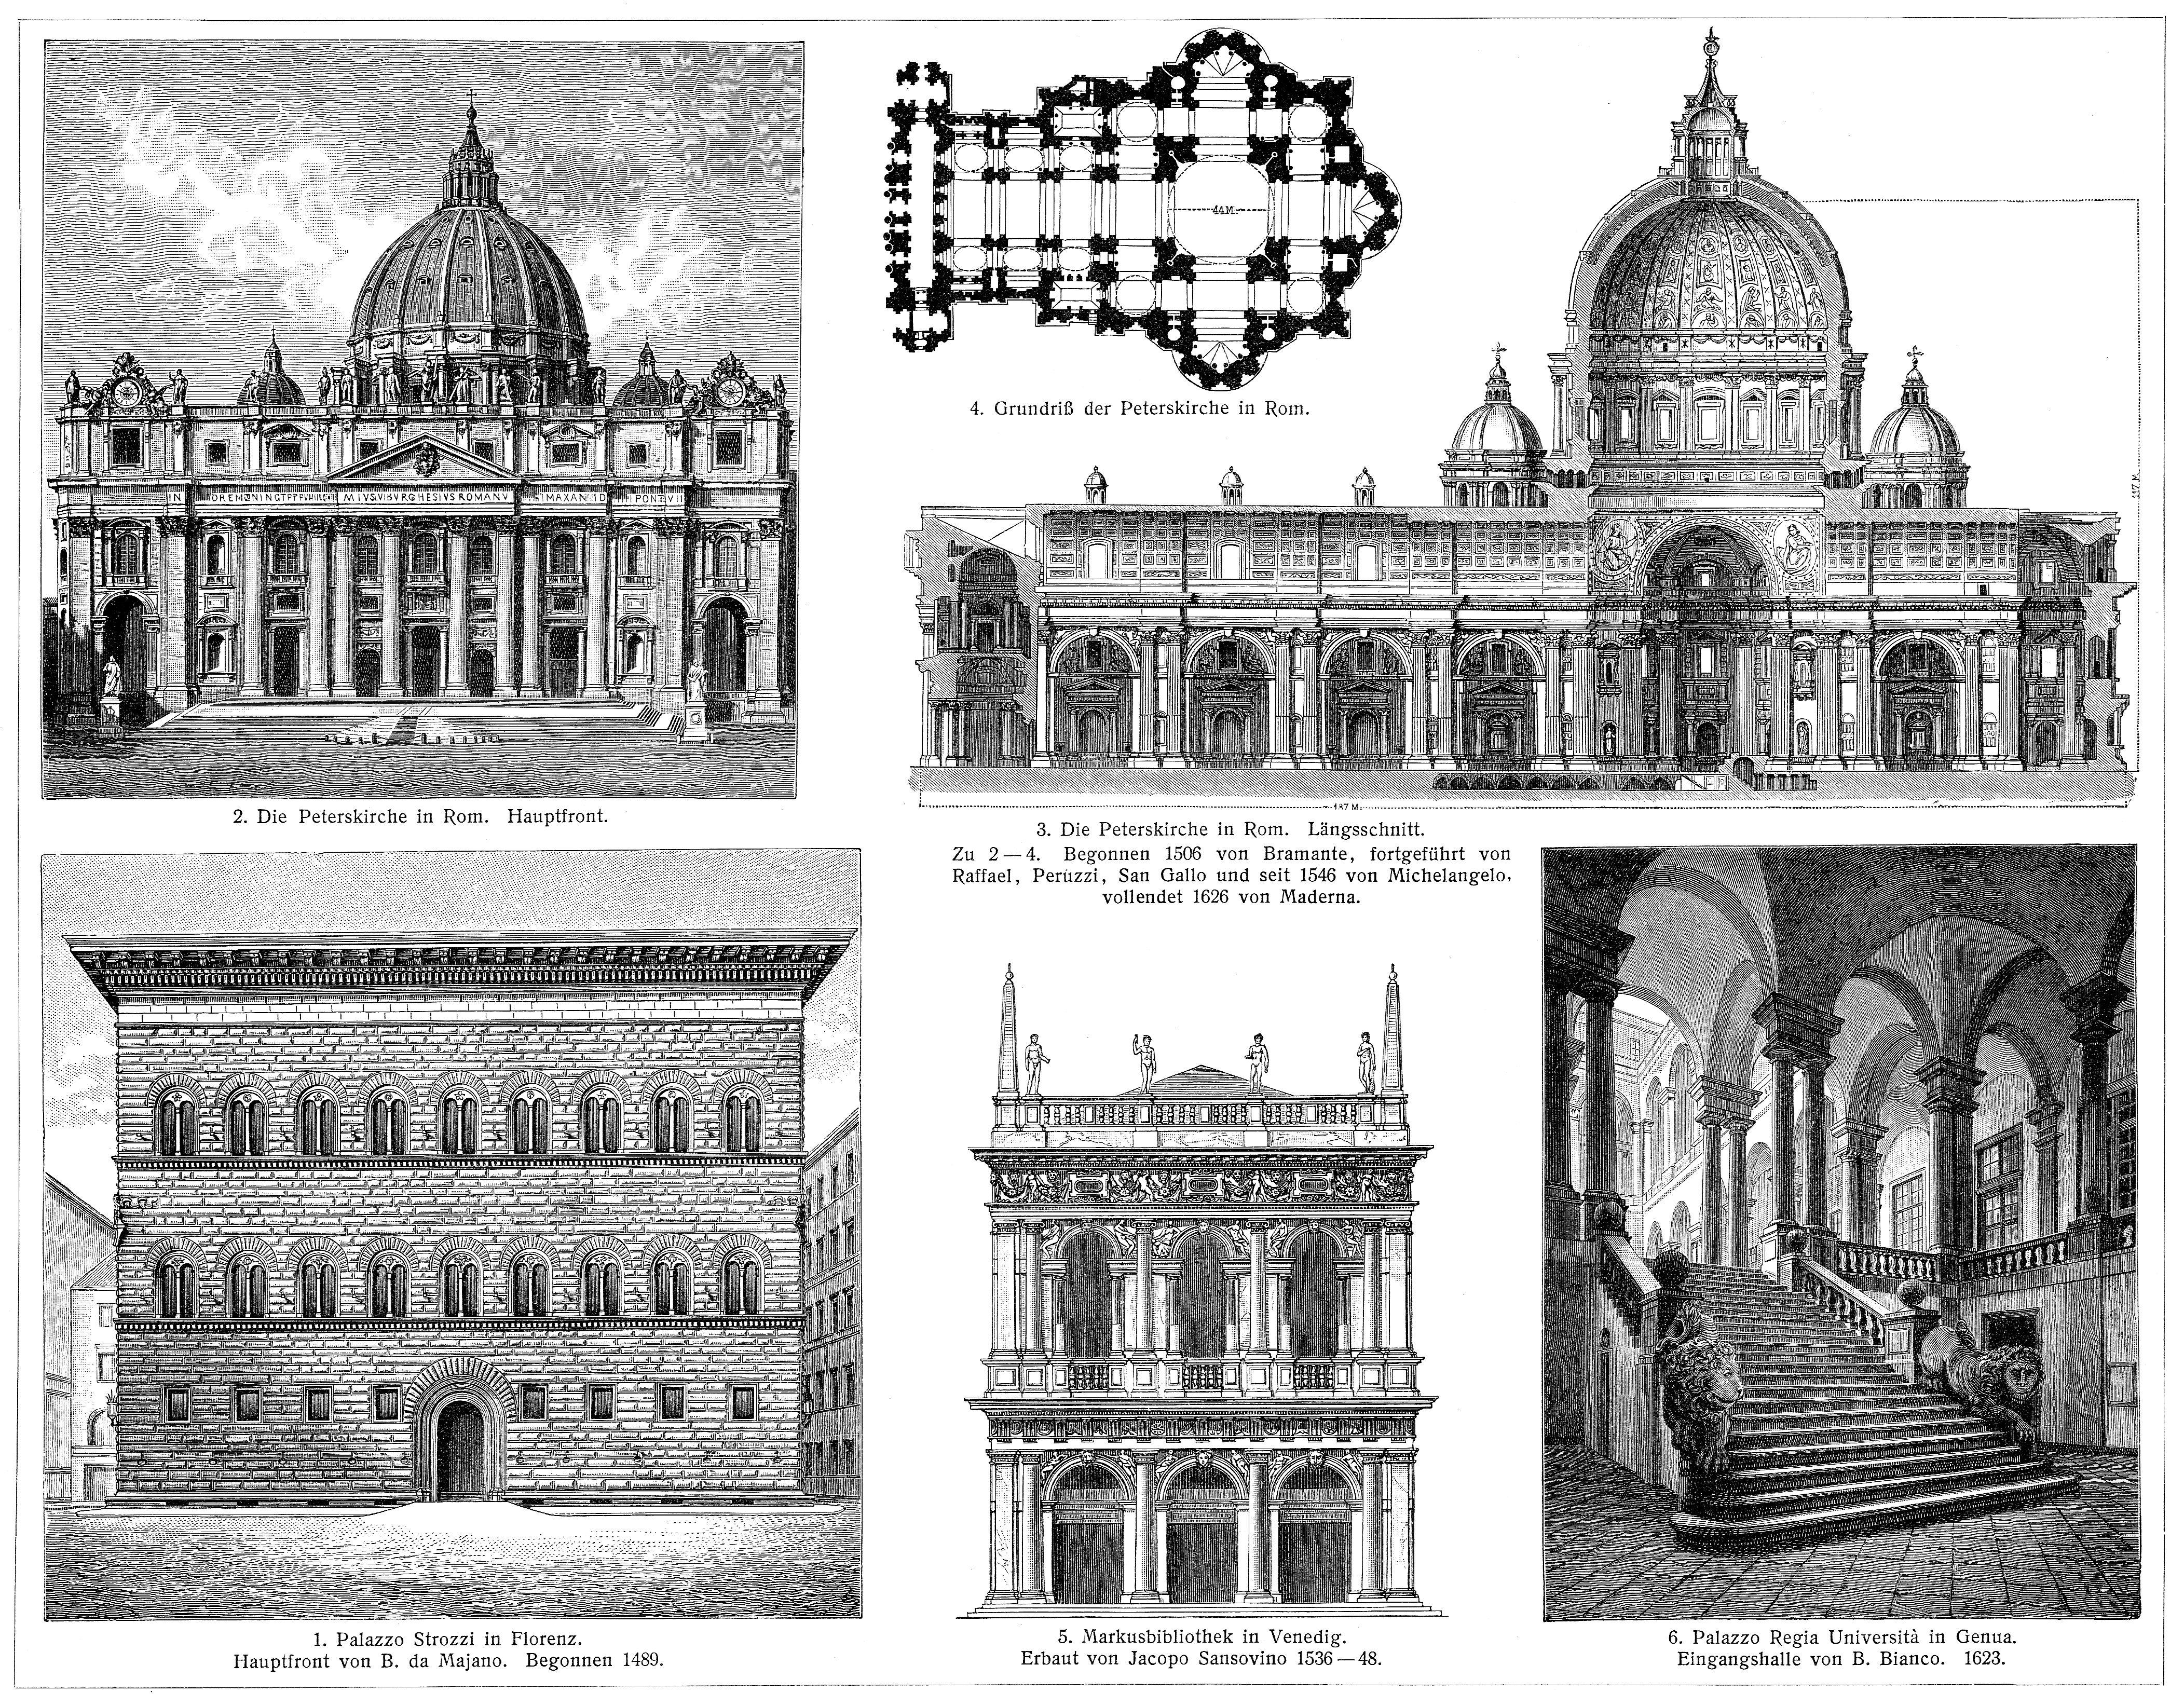 architektur x italienische renaissance 15 17 jahrhundert. Black Bedroom Furniture Sets. Home Design Ideas